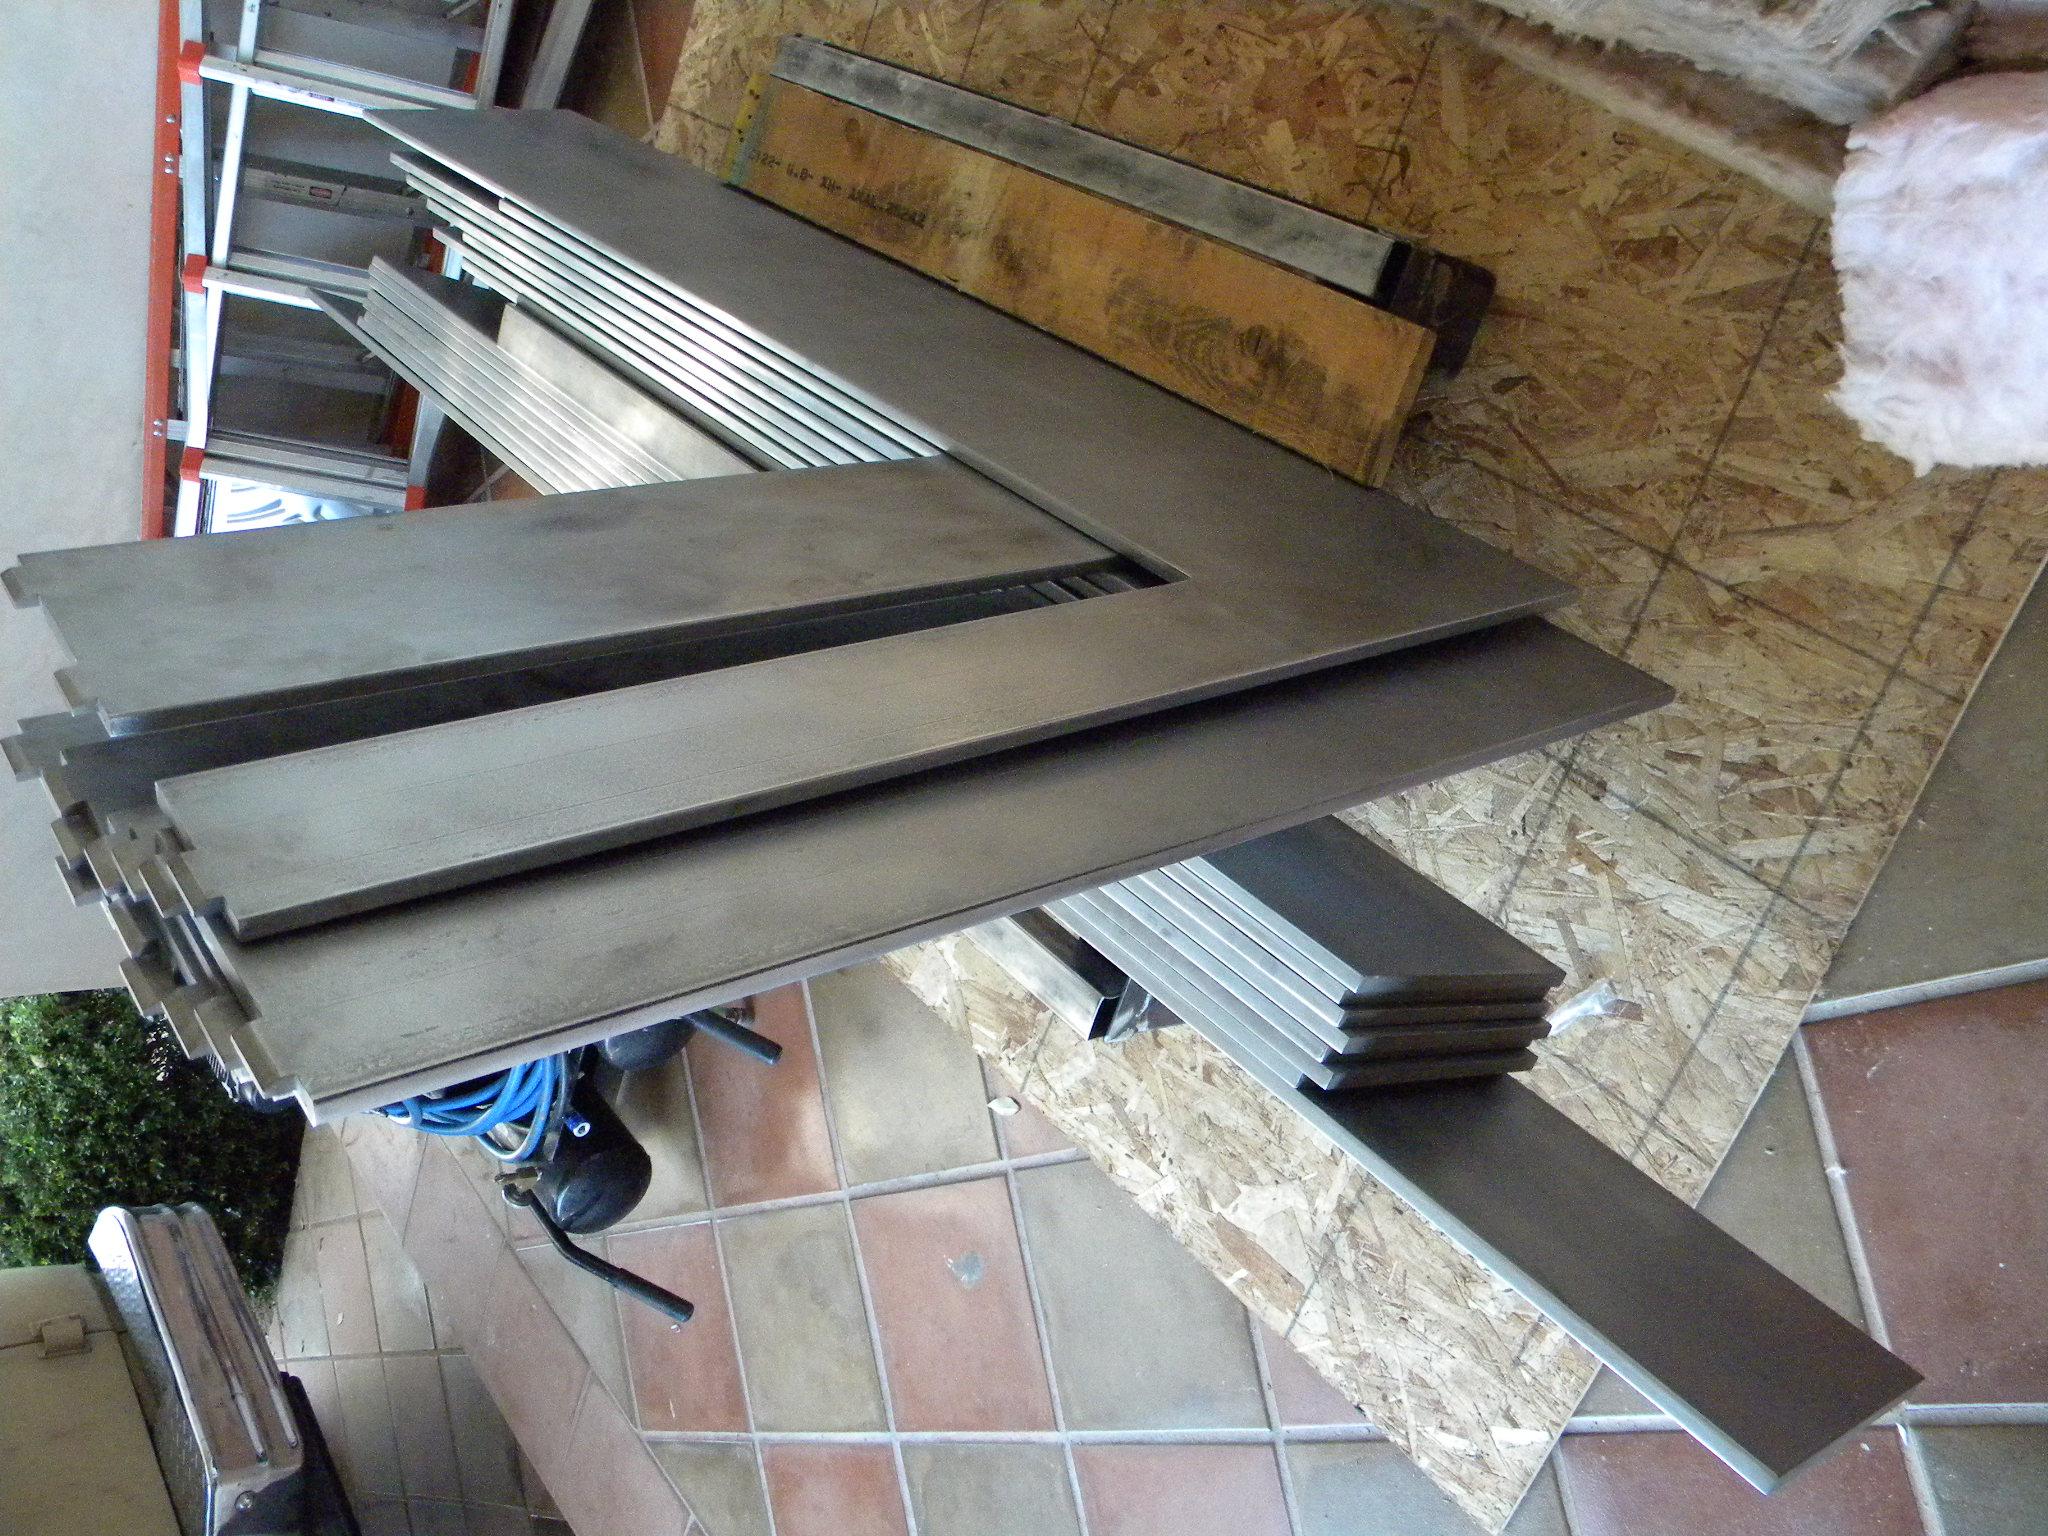 Ladderstaircase-treads-DSCN7187.jpg